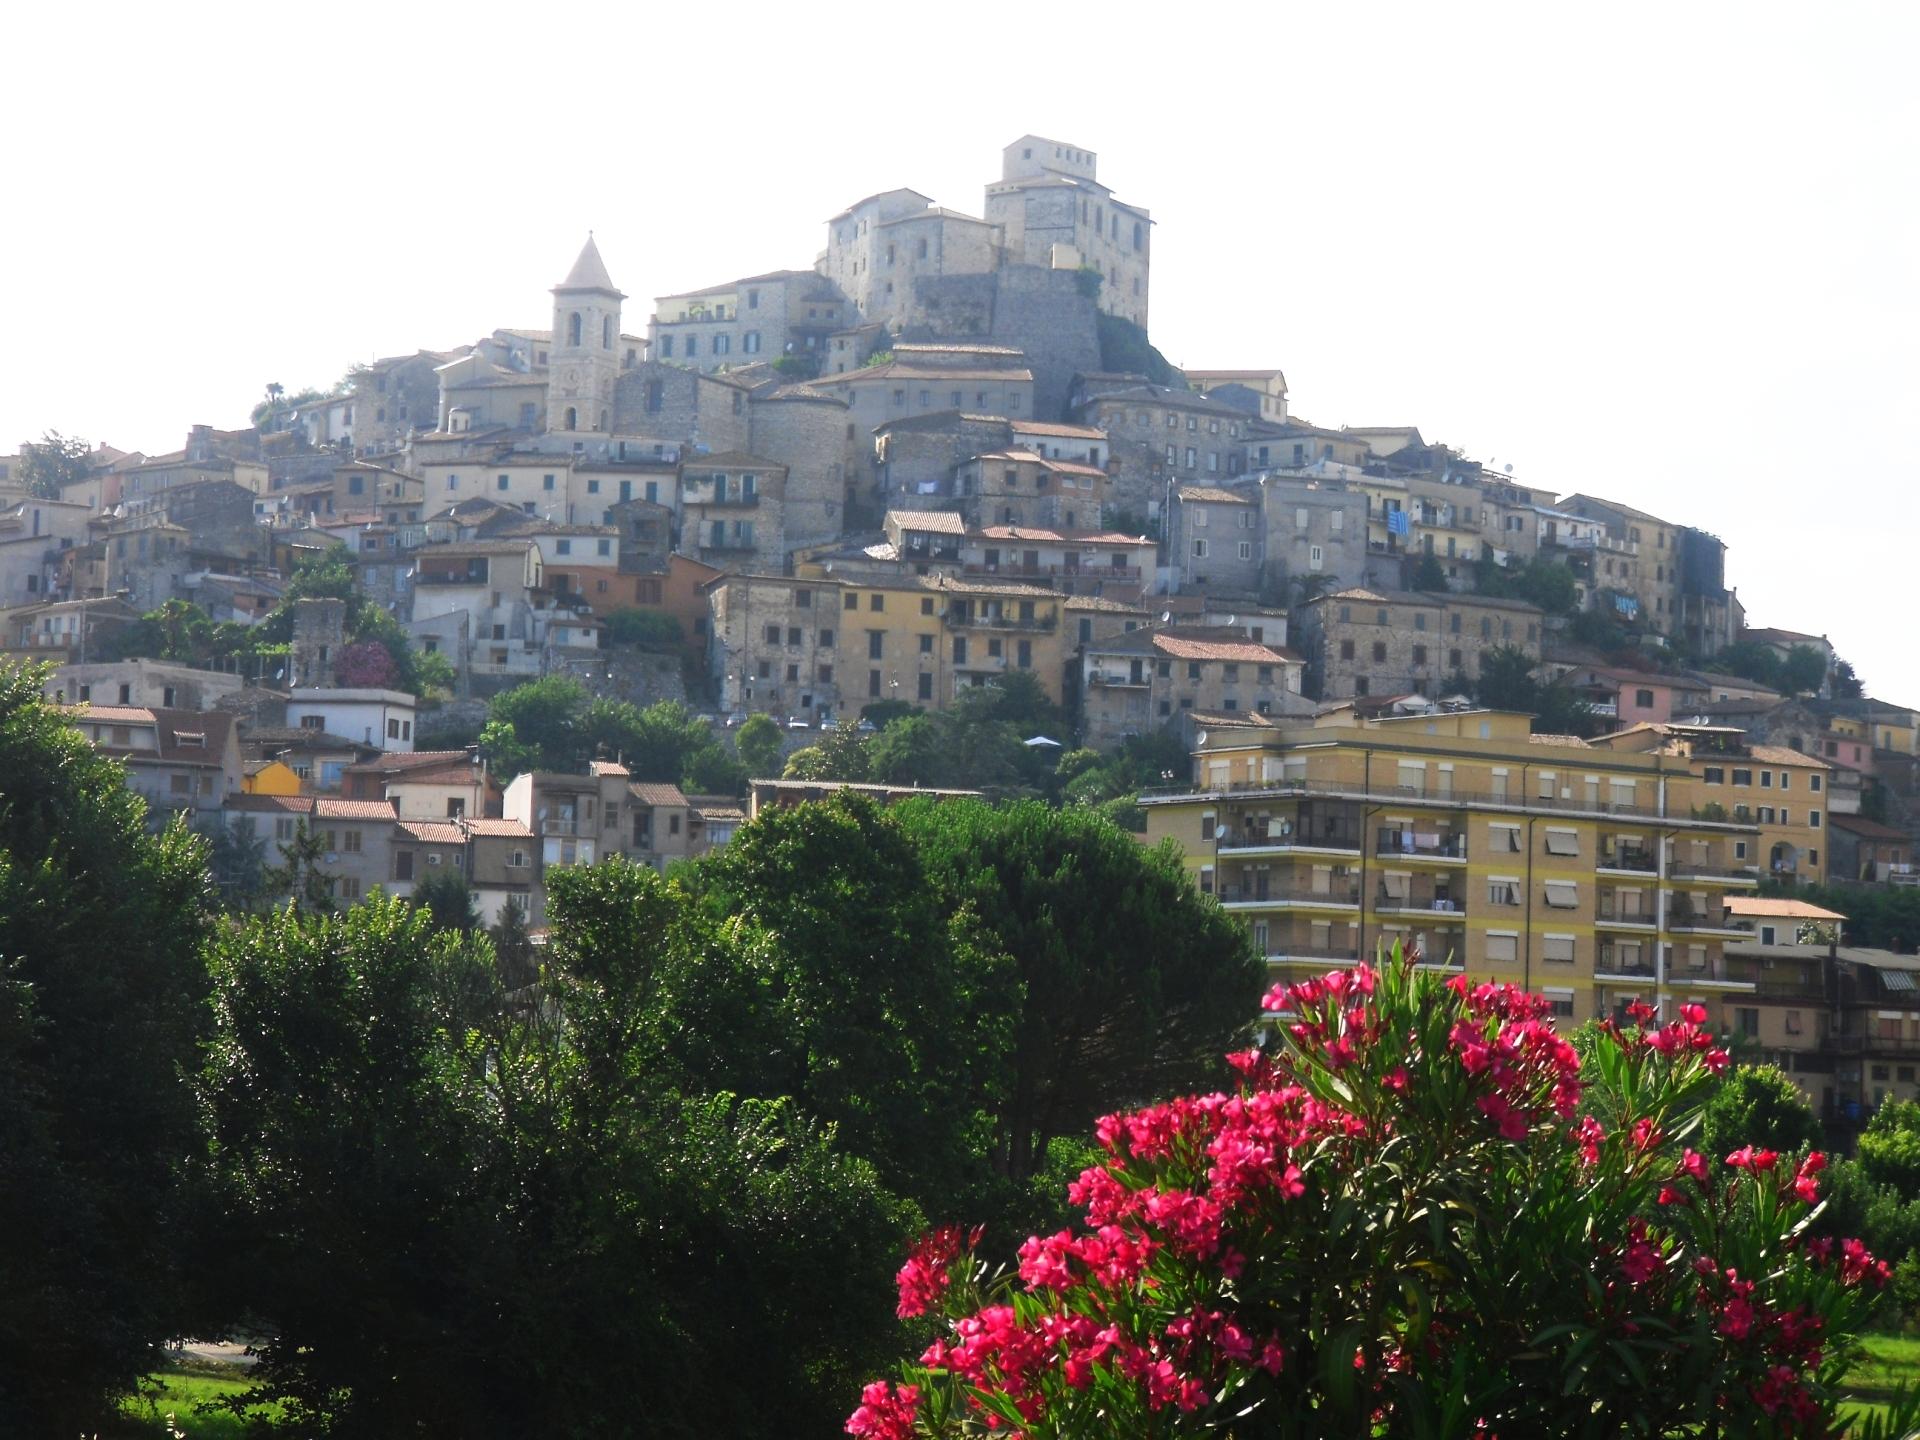 Ceccano wikipedia for Be italia